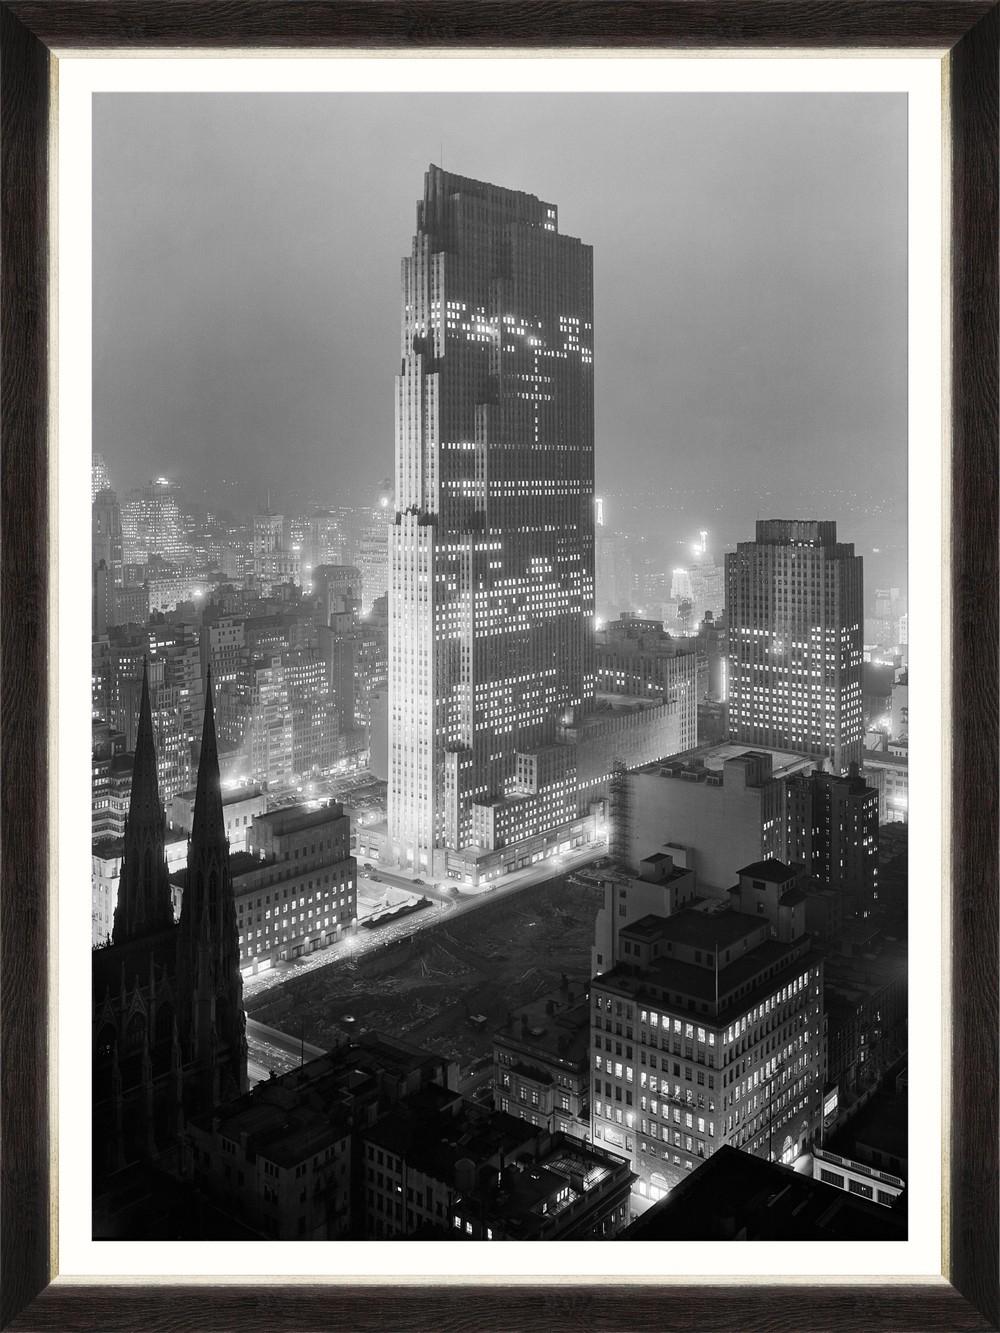 Tablou Framed Art Rockefeller Center 1933 somproduct.ro